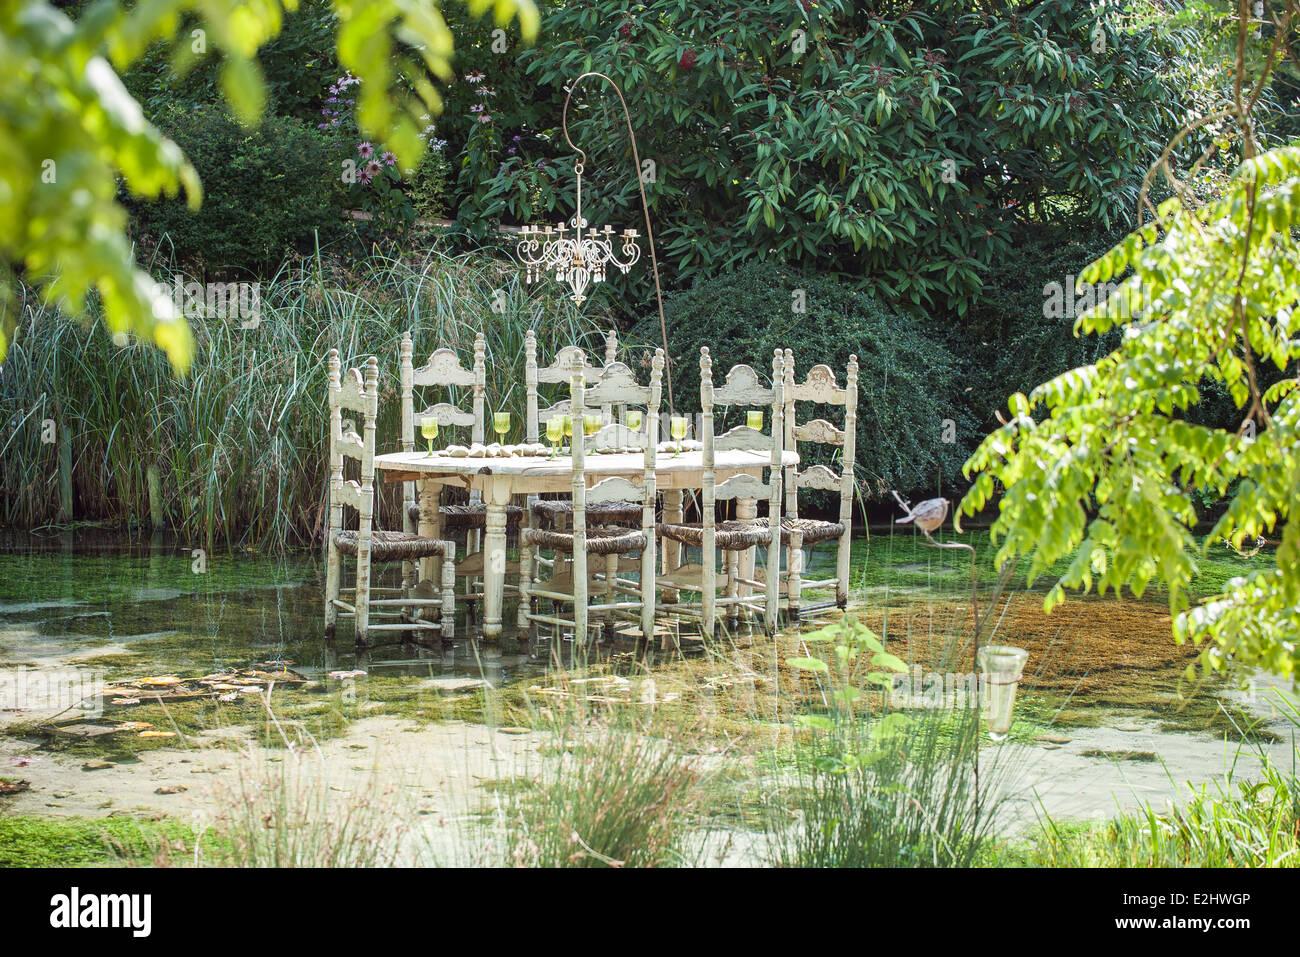 Table à manger ornée flottant dans l'étang Photo Stock